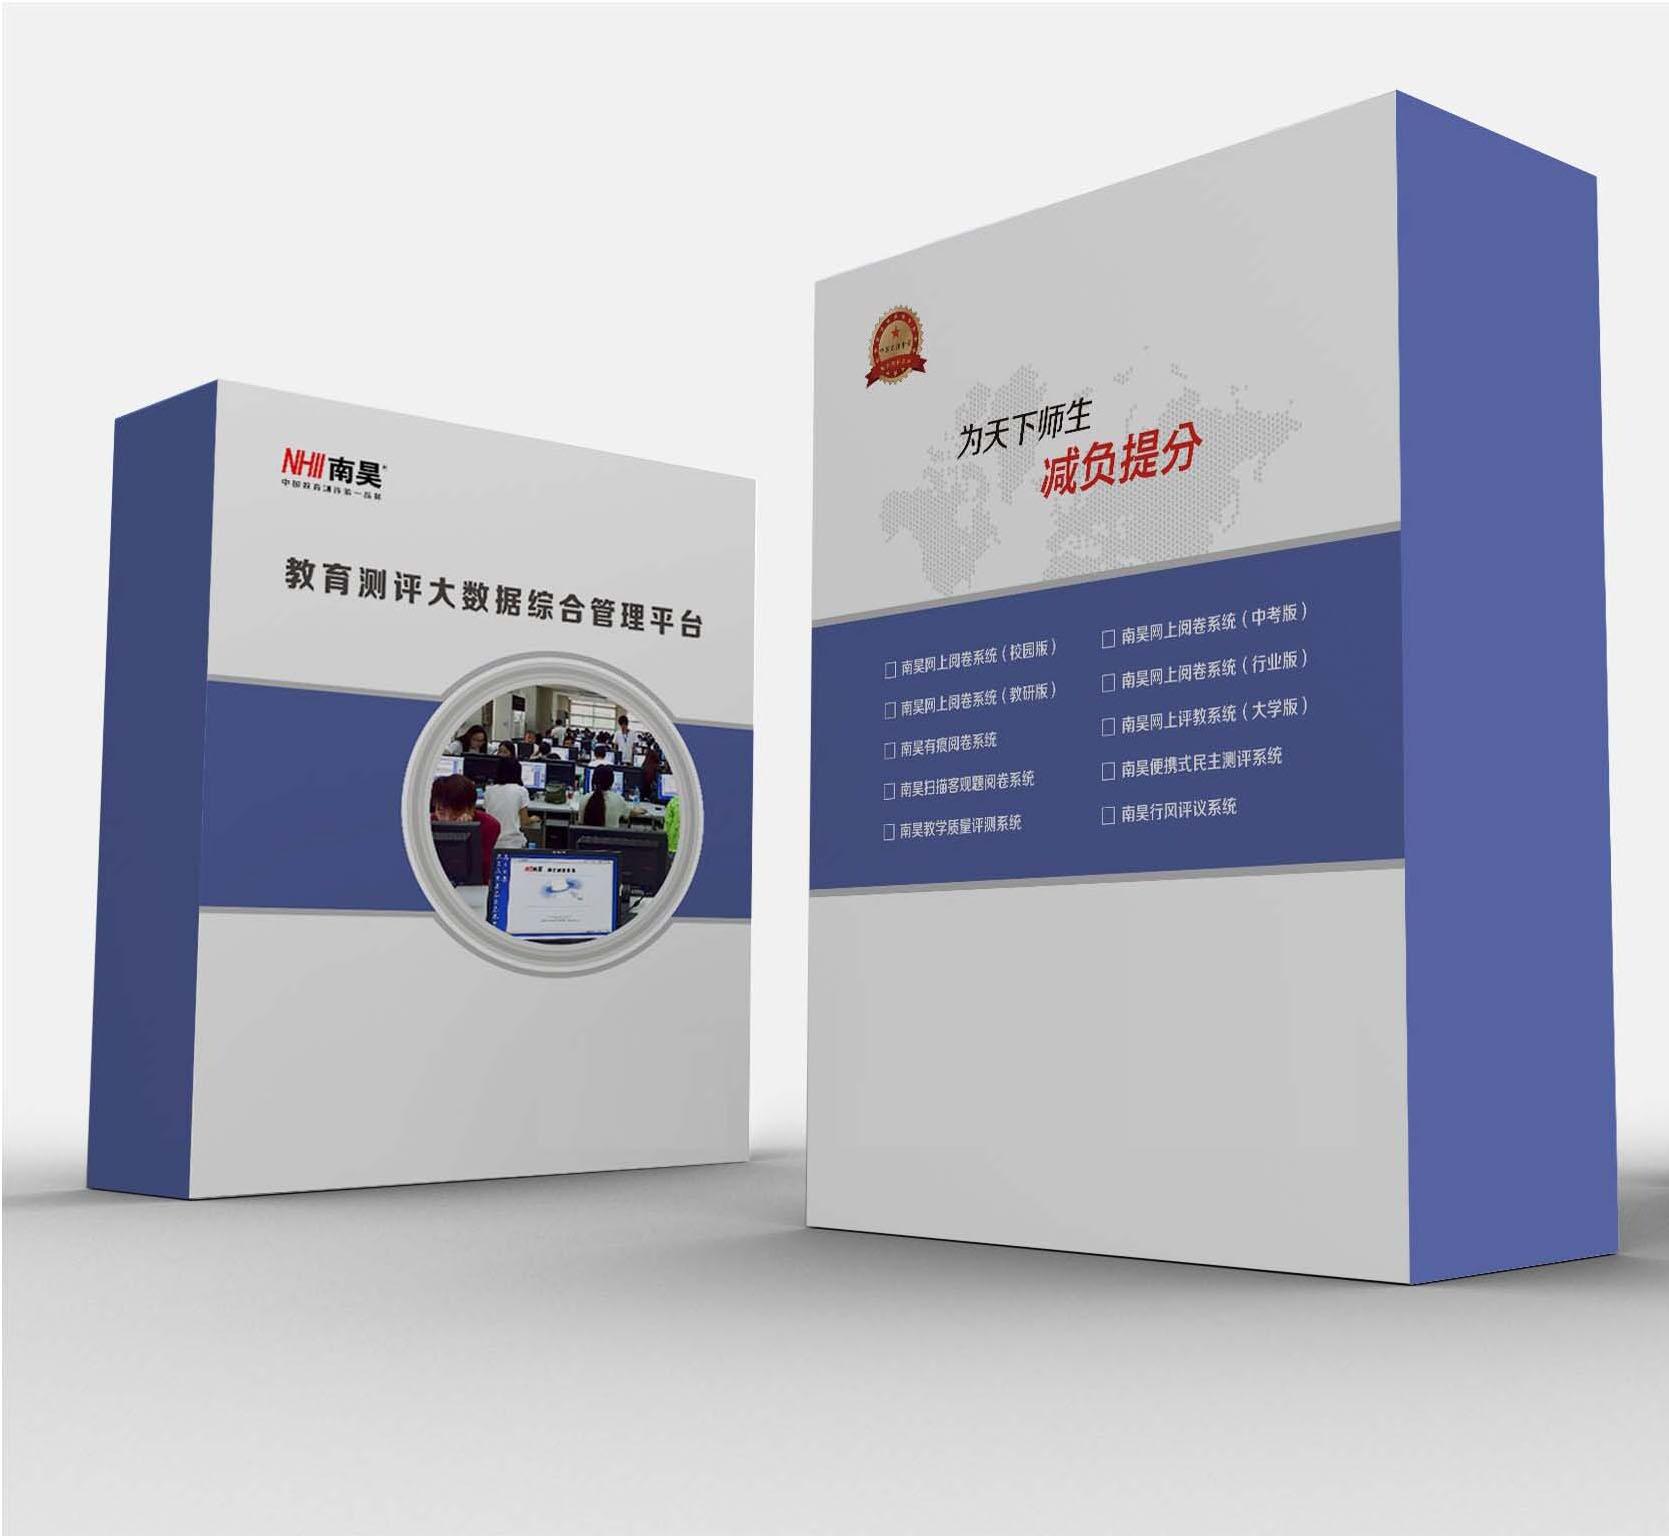 大连甘井子区考试阅卷系统多少钱 质量合格阅卷系统设备|行业资讯-河北省南昊高新技术开发有限公司